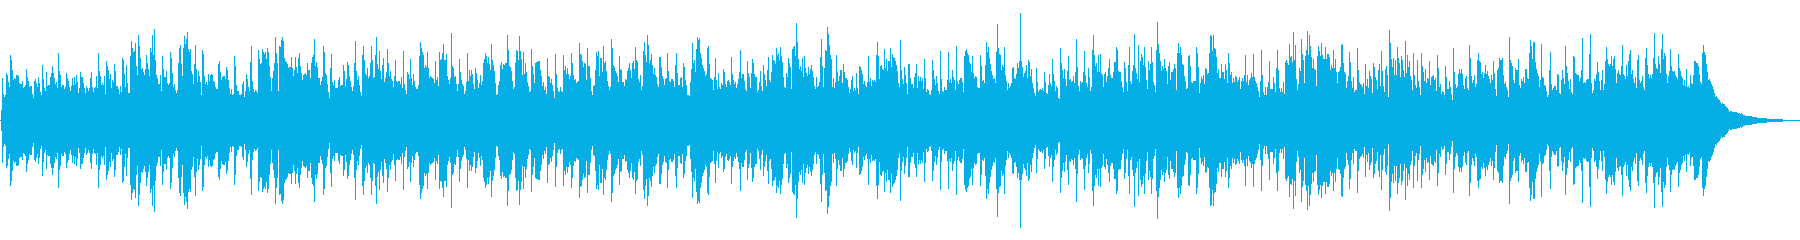 エールを届けたいカントリーポップBGMの再生済みの波形